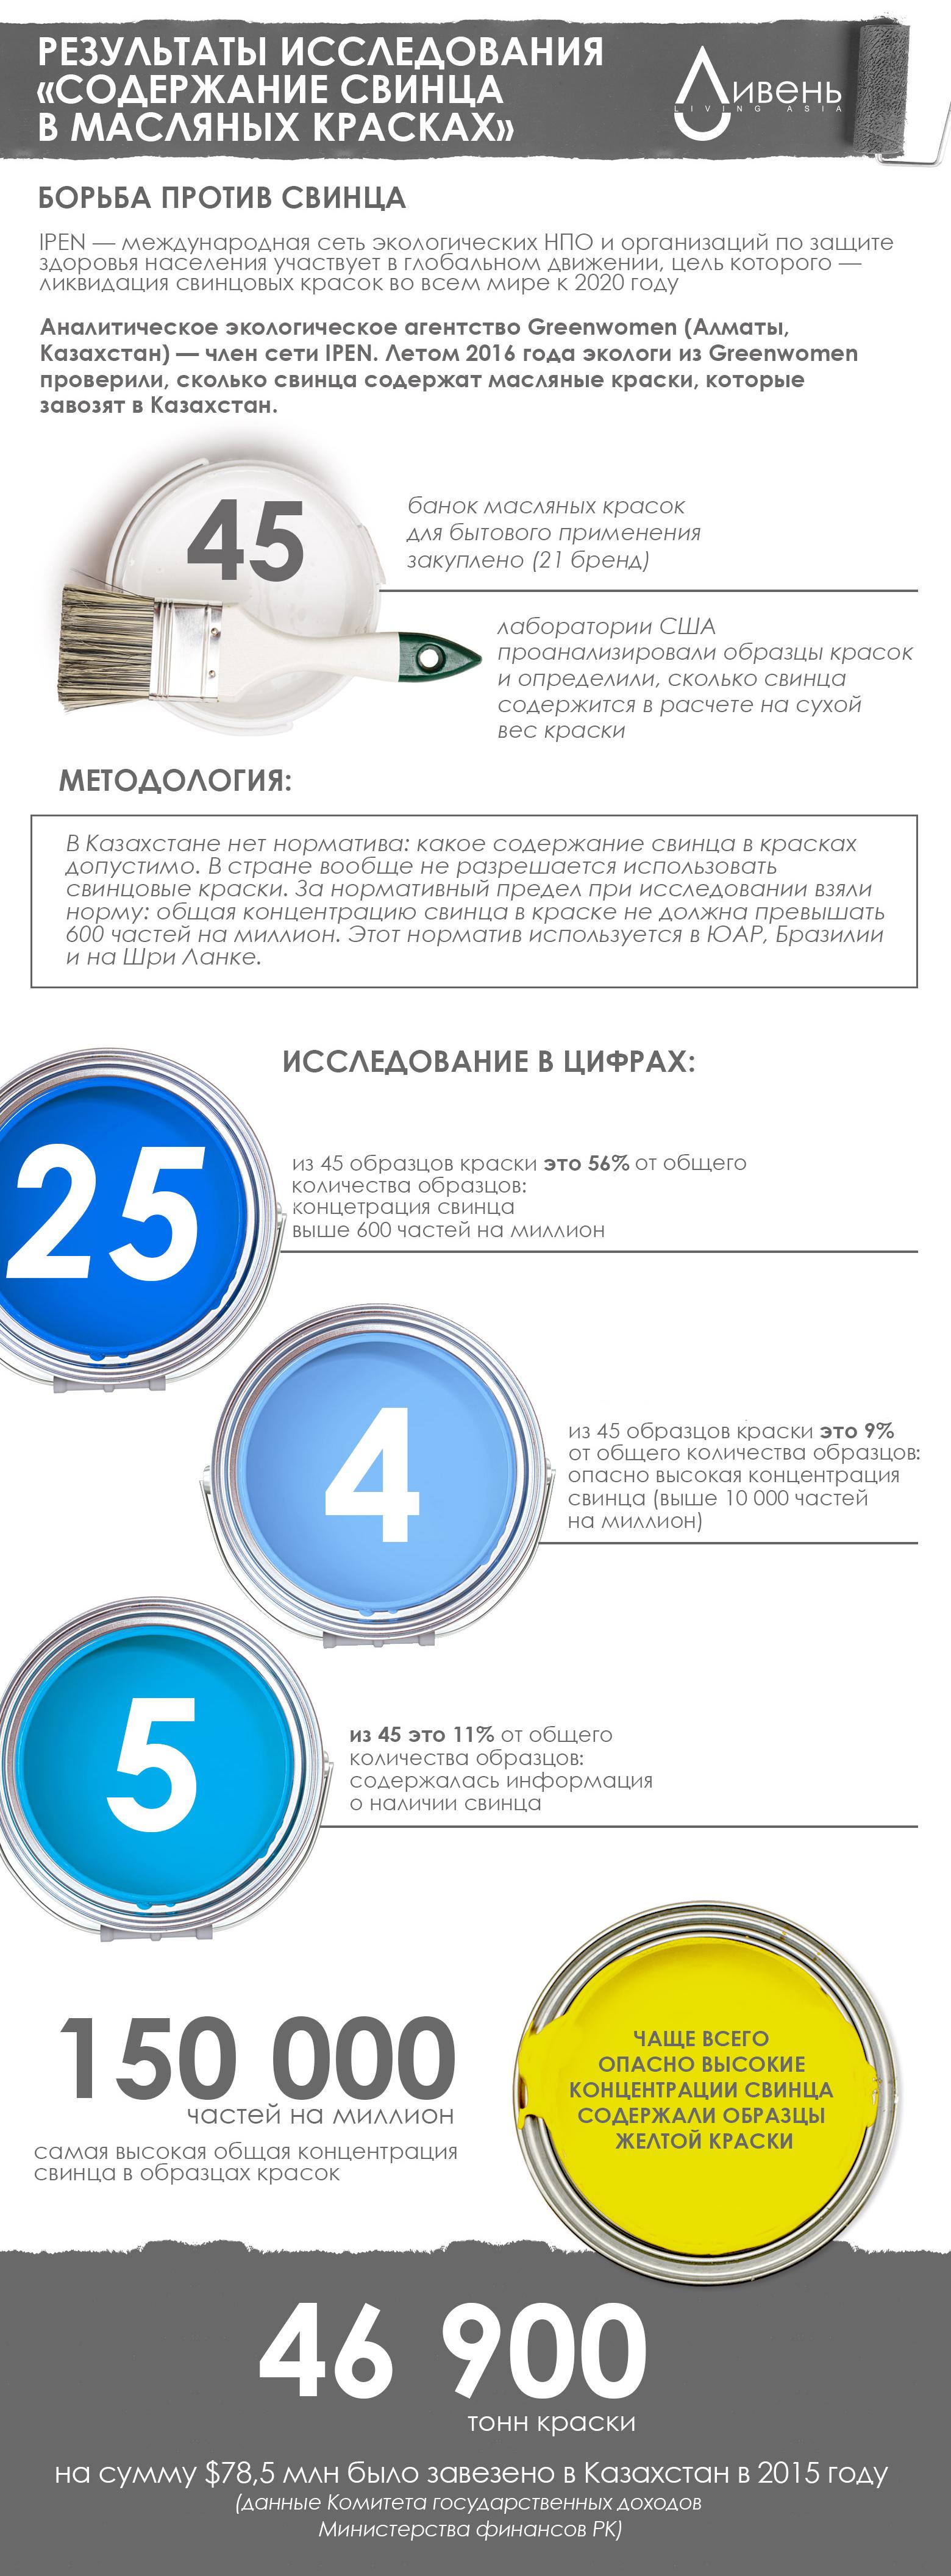 Инфографика: исследование, посвященное свинцовым краскам в Казахстане.